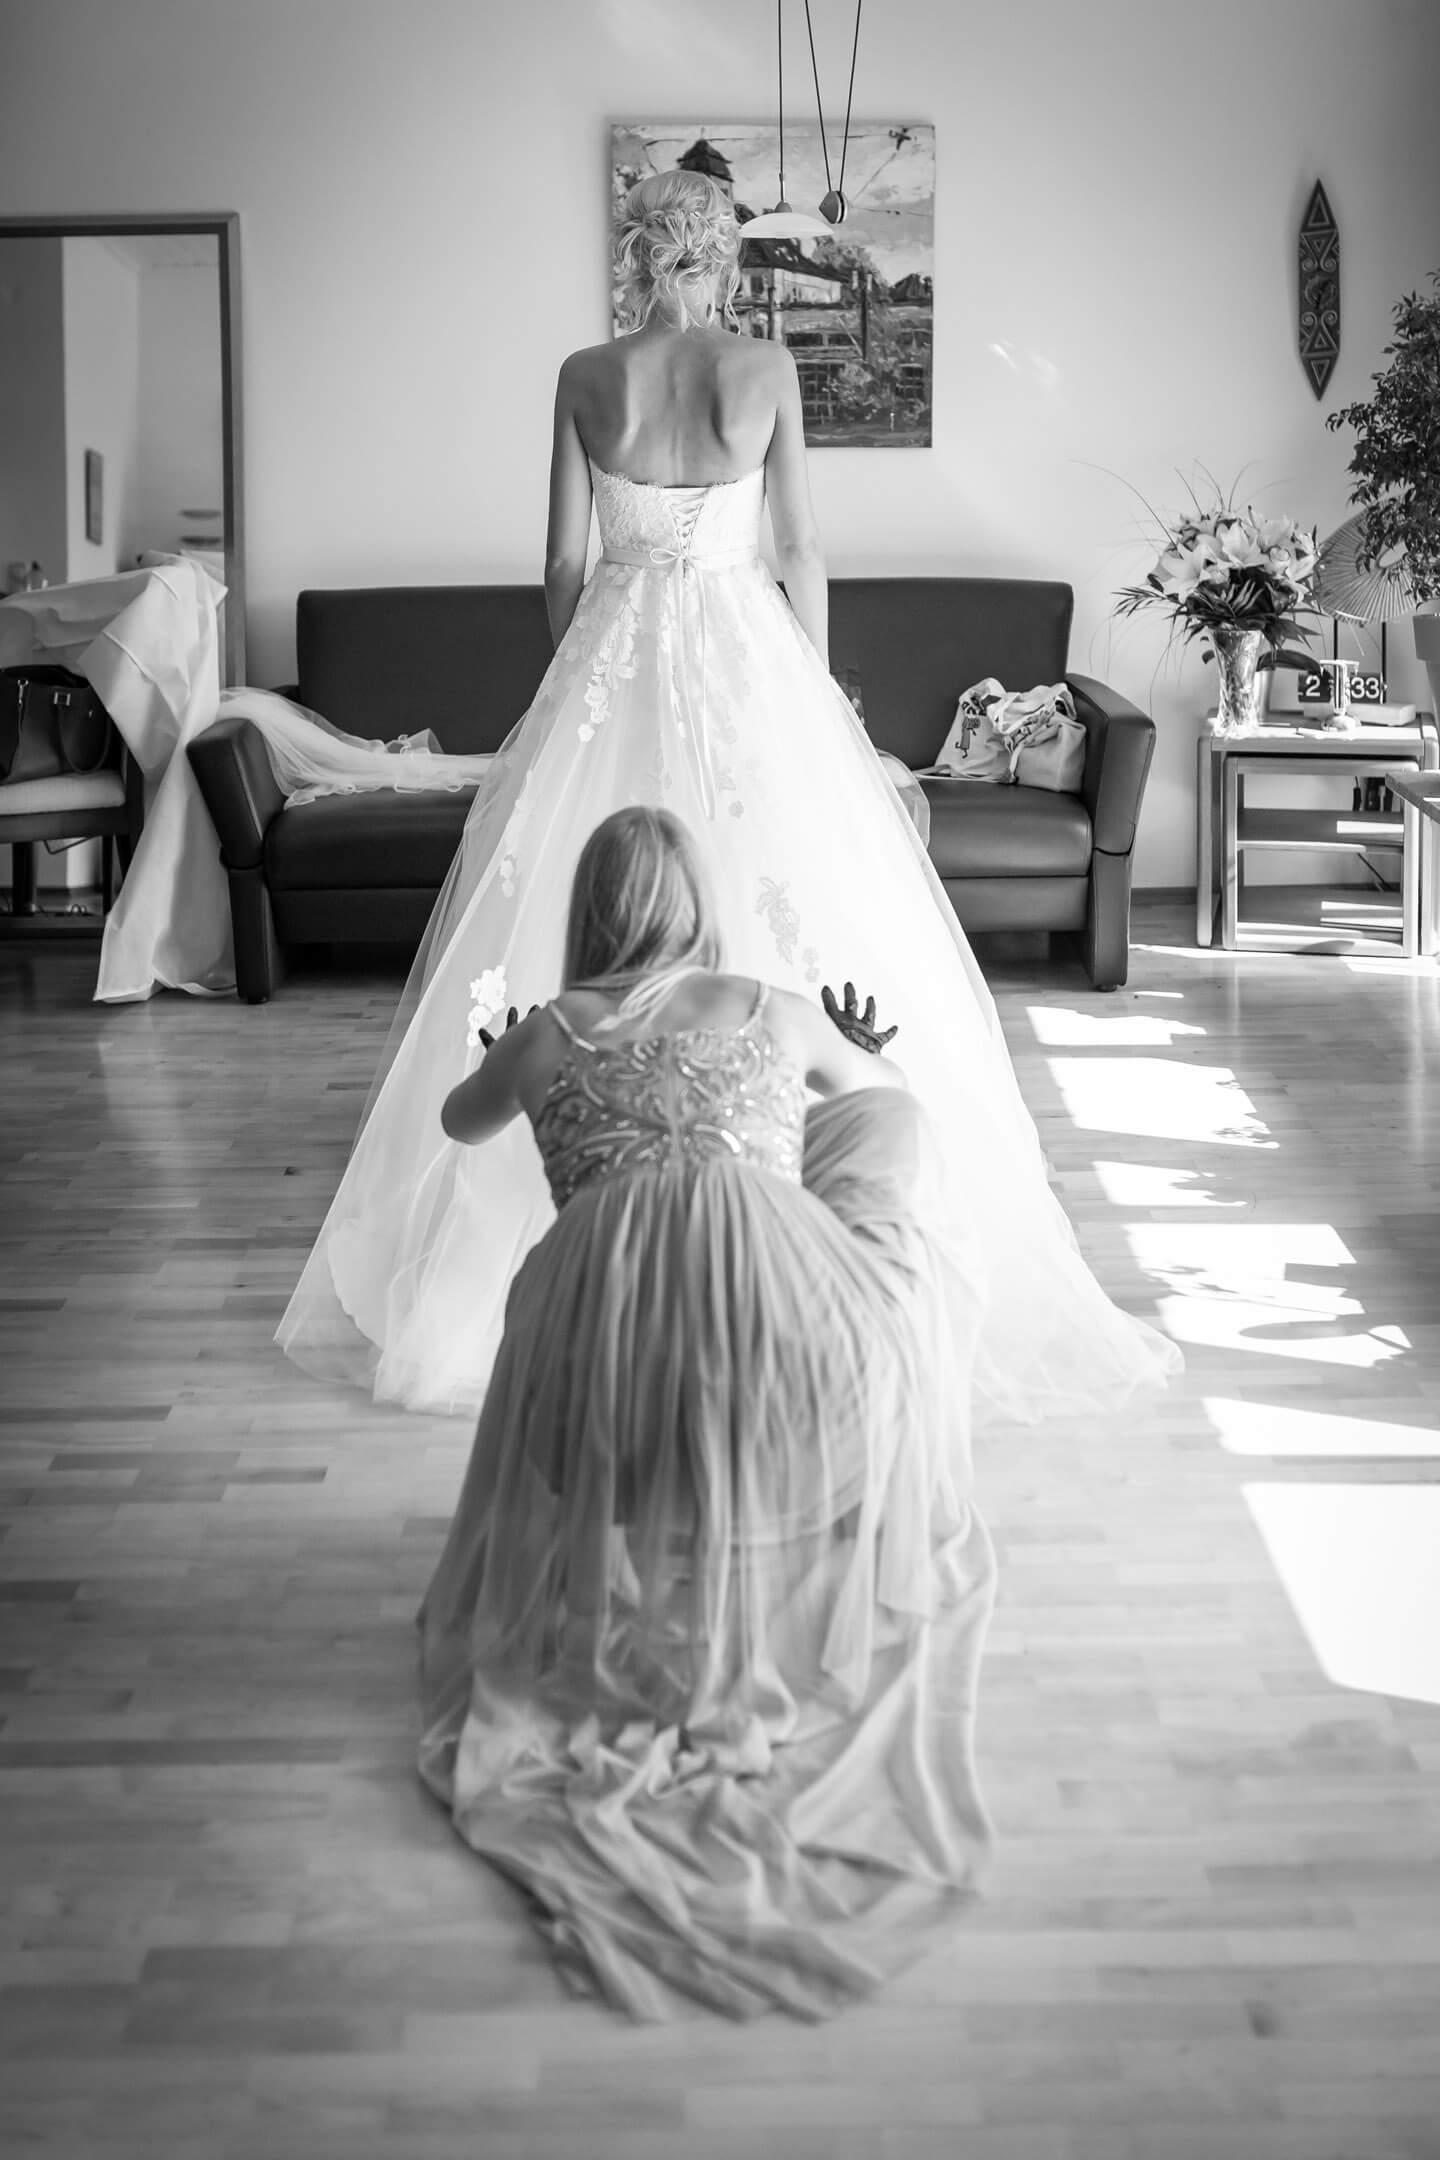 Hochzeitskleid richten kurz vor der kirchlichen Trauung